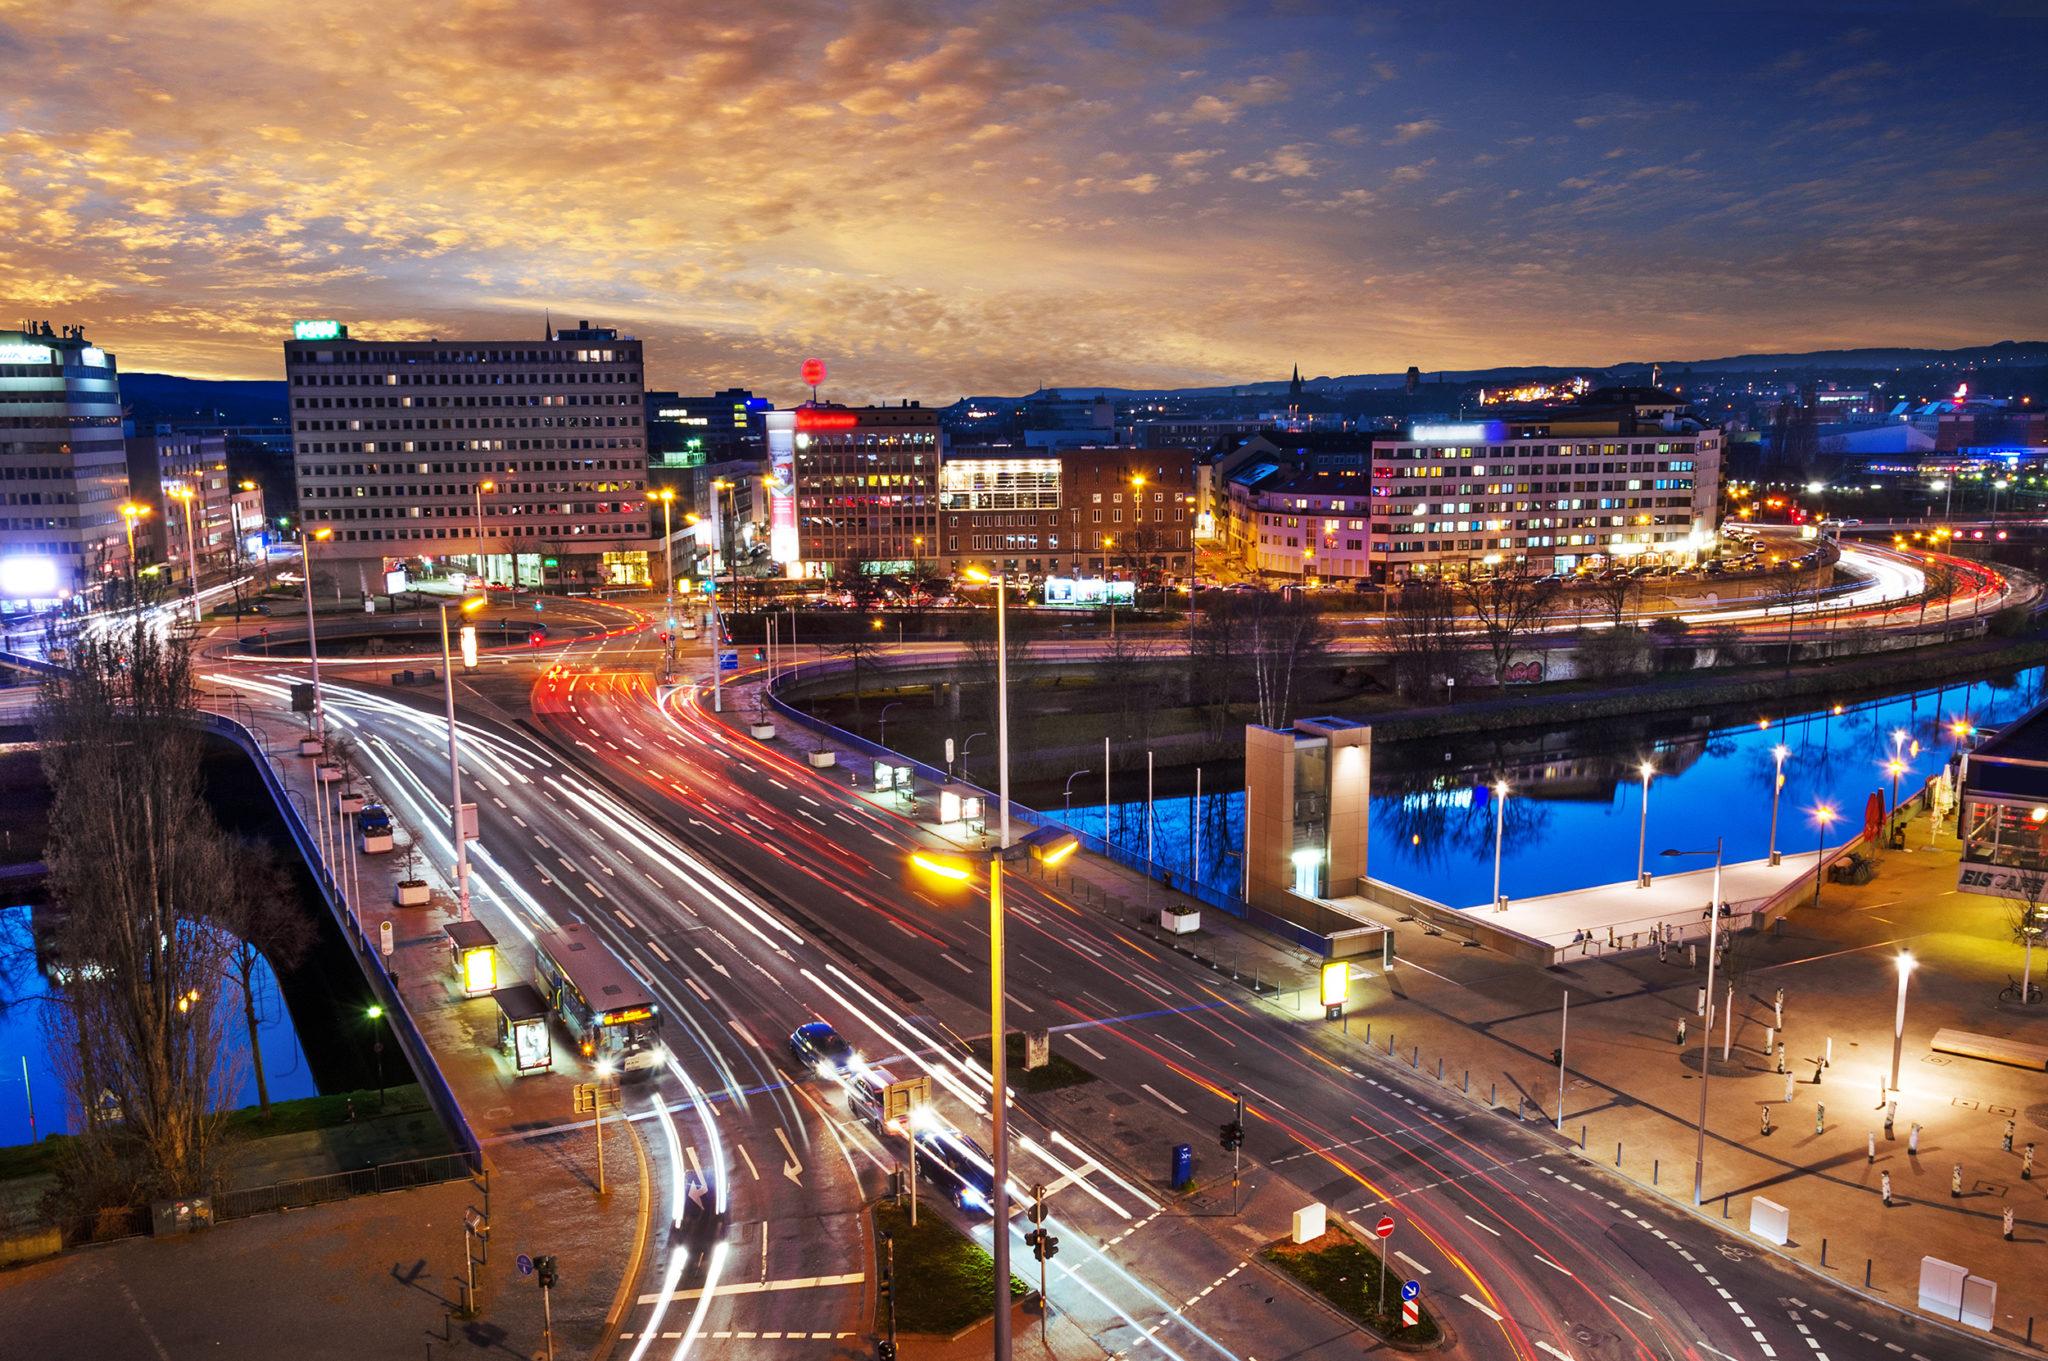 Haushaltsauflösung und Entrümpelung in Saarbrücken